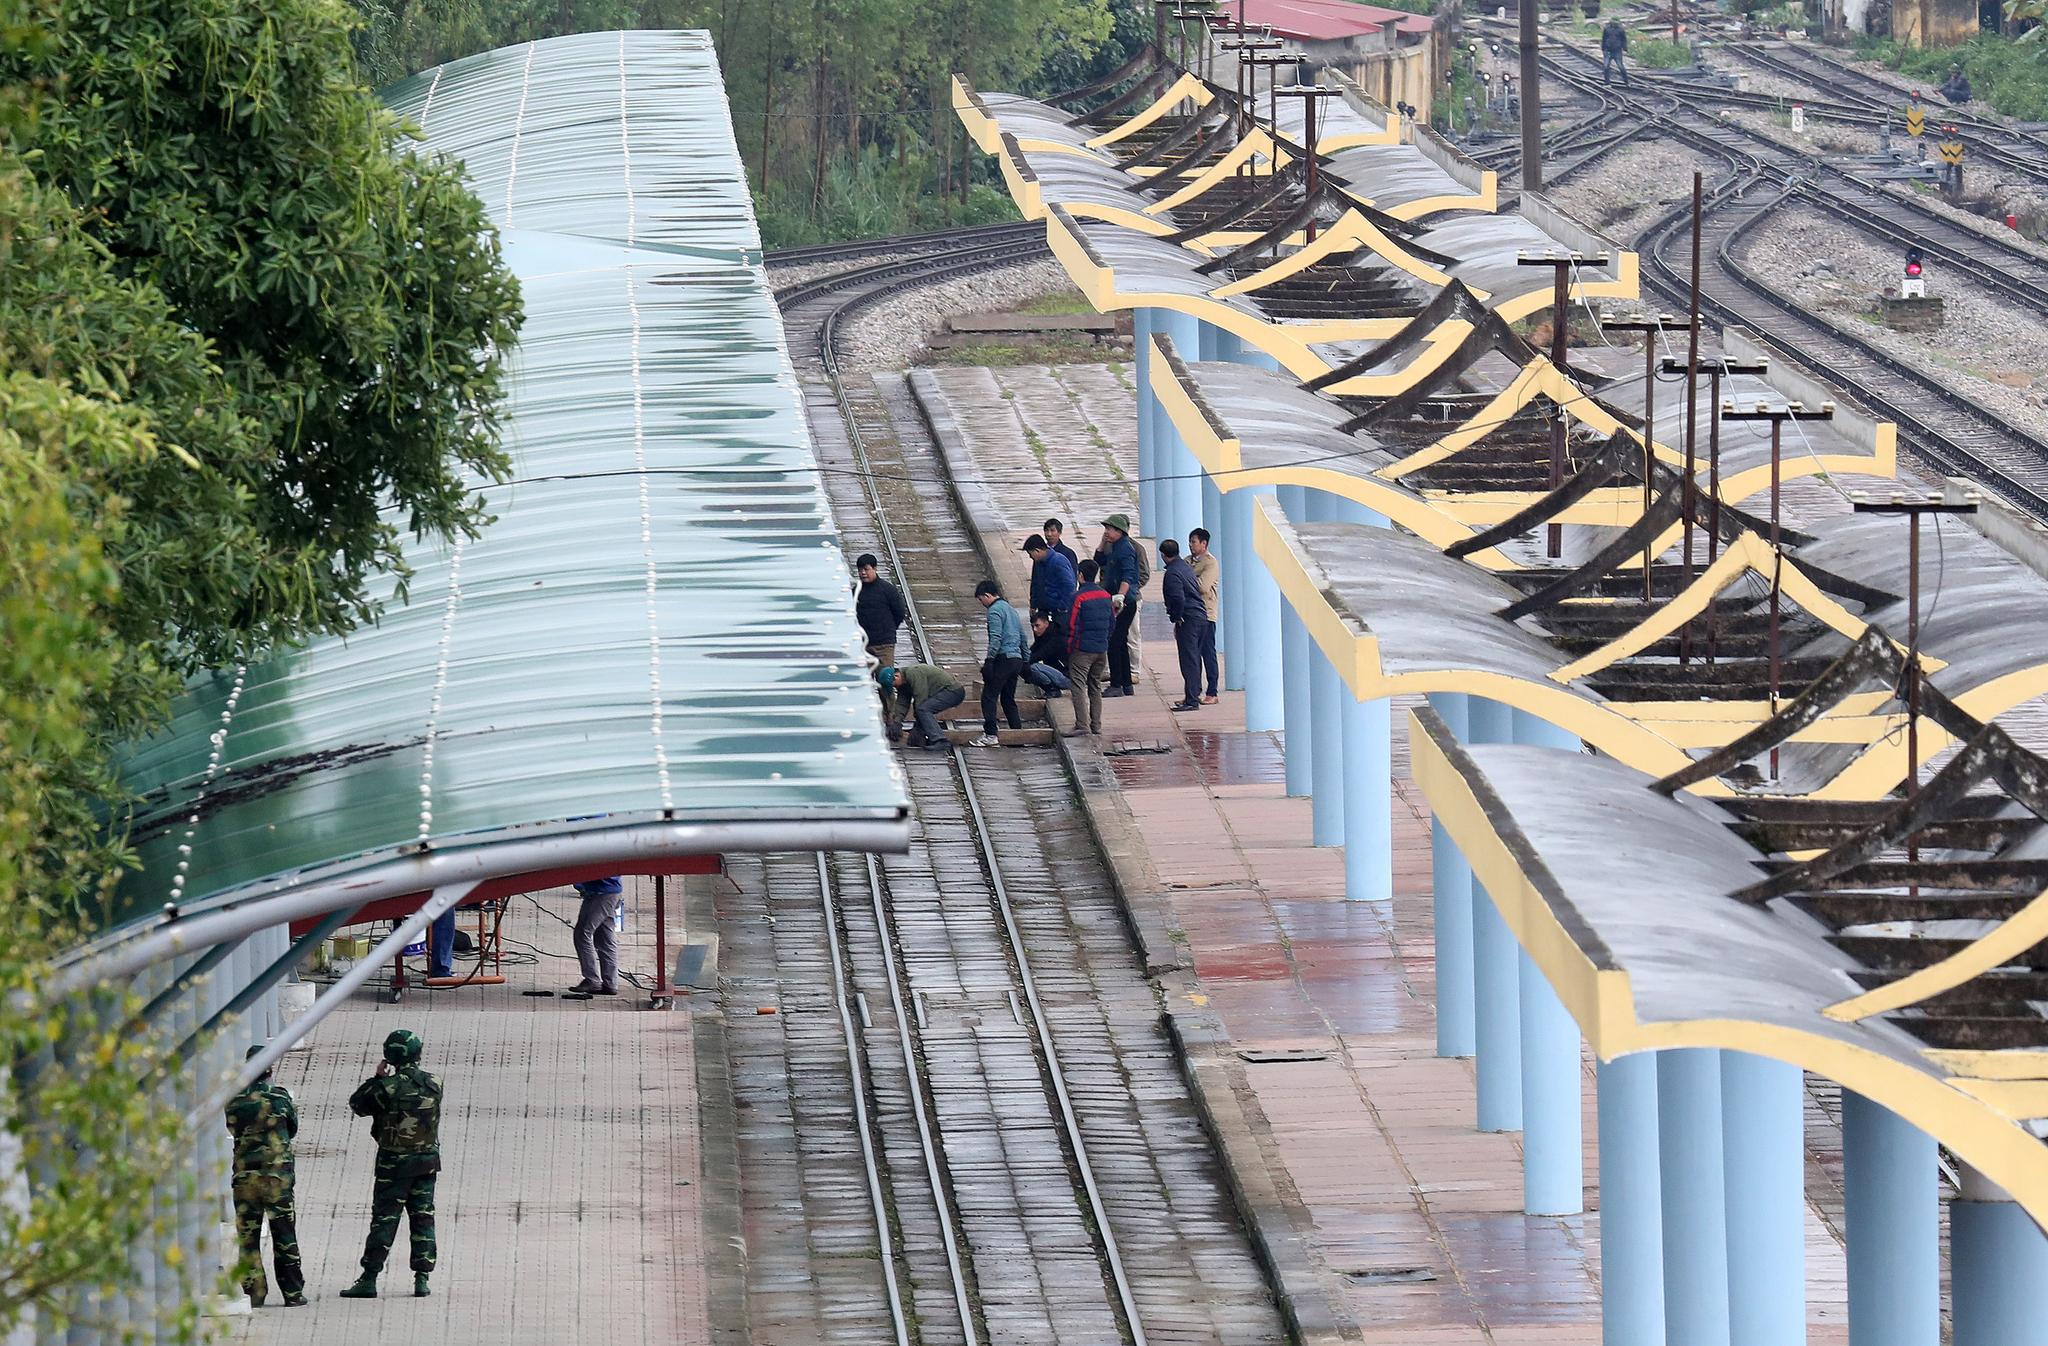 제2차 북미정상회담을 4일 앞둔 23일 중국과 접경지역인 베트남 랑선성 동당역에서 관계자들이 분주한 모습을 보이고 있다. [뉴스1]